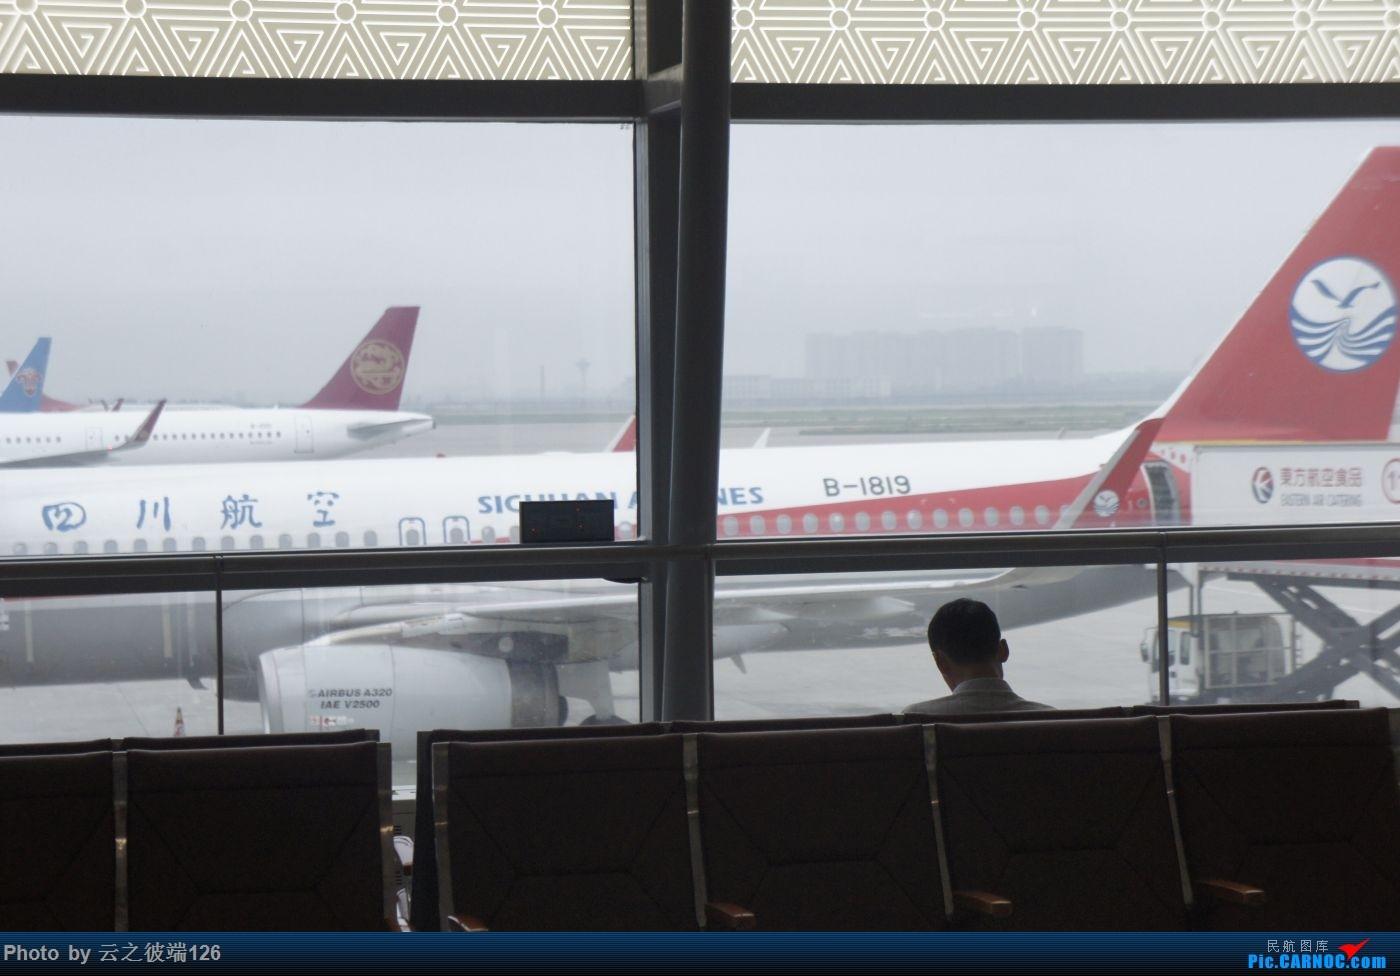 Re:[原创]---步入中原,时隔三年意外遇见你 NKG-XIY-HFE--- AIRBUS A320-200 B-1819 中国西安咸阳国际机场